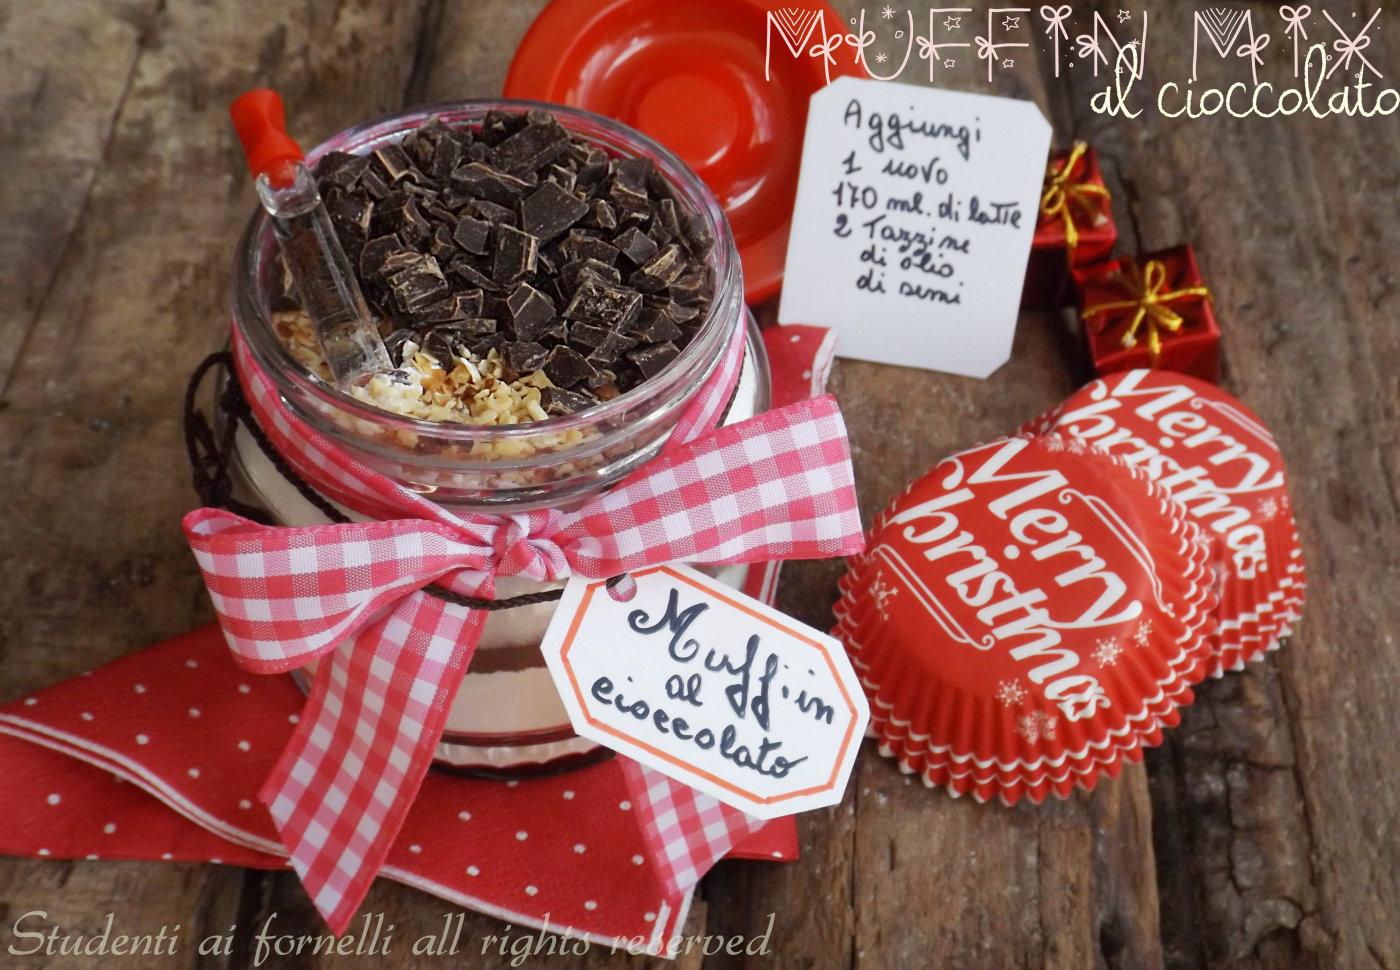 Ben noto Muffin mix al cioccolato in barattolo, ricetta idea regalo PN09